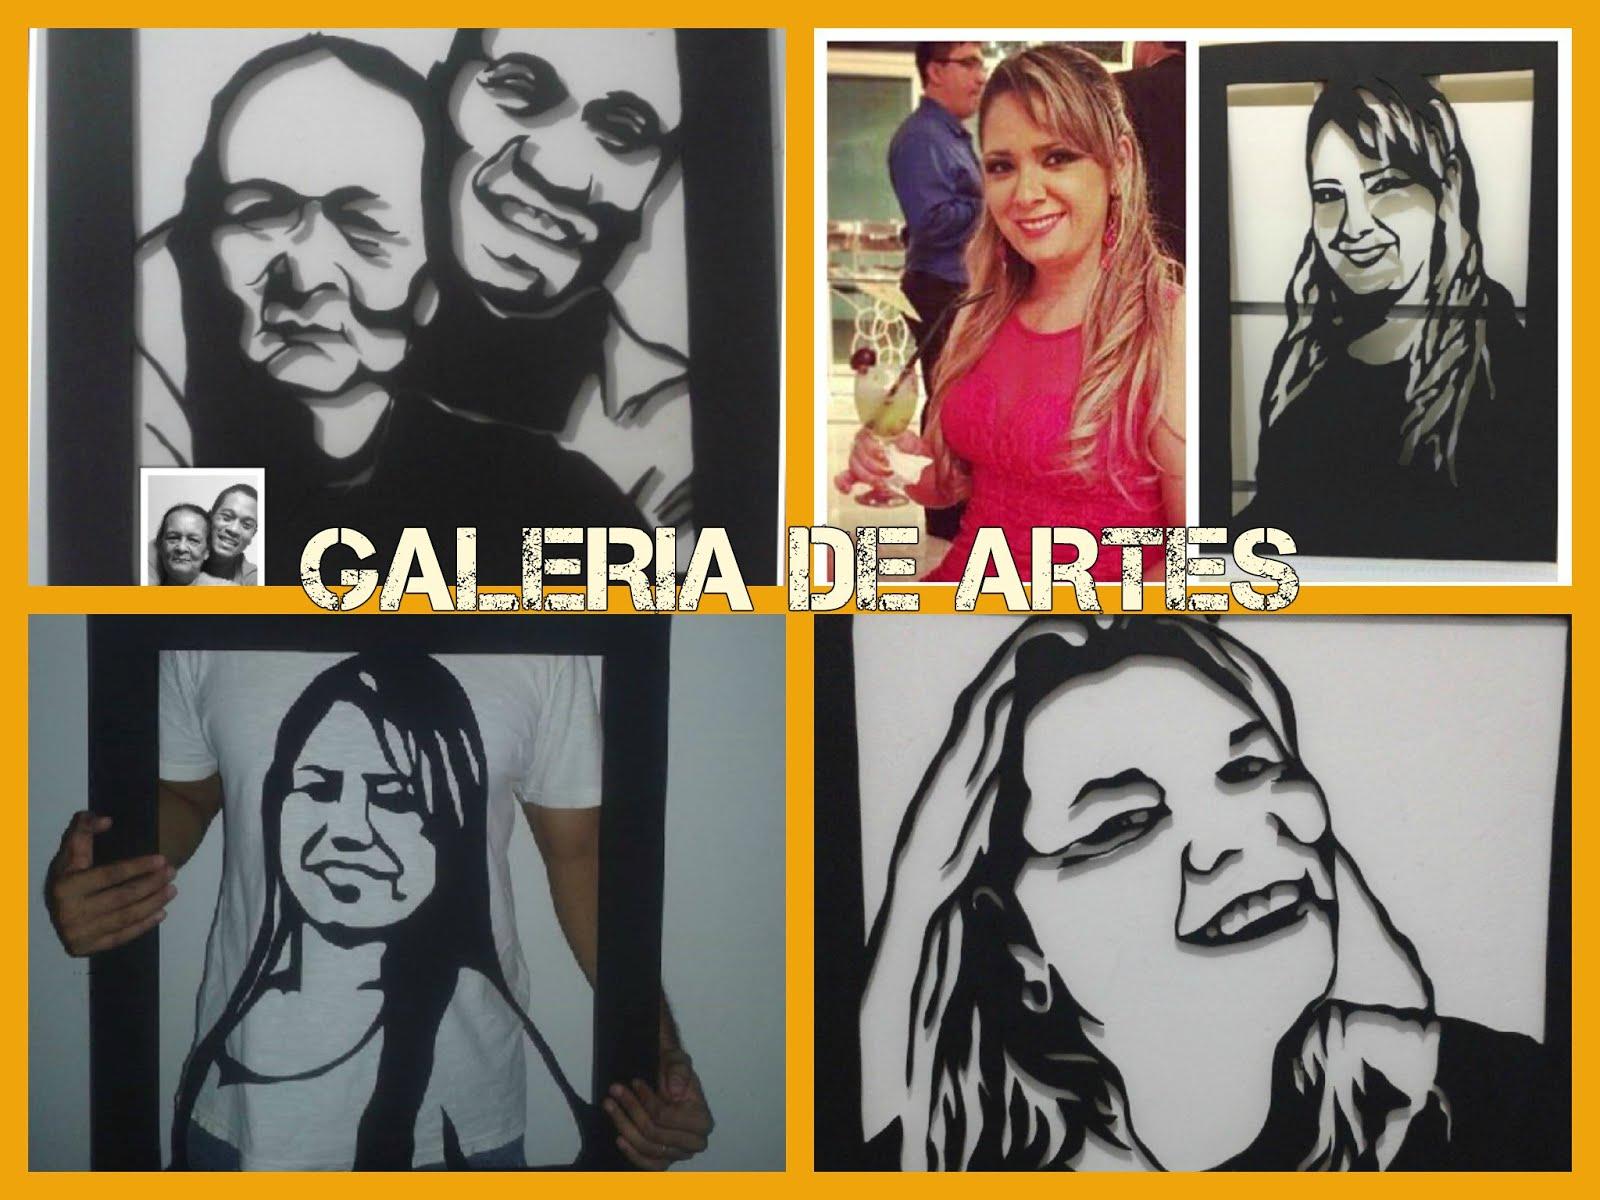 Galeria de Obras de Artes de Rosário